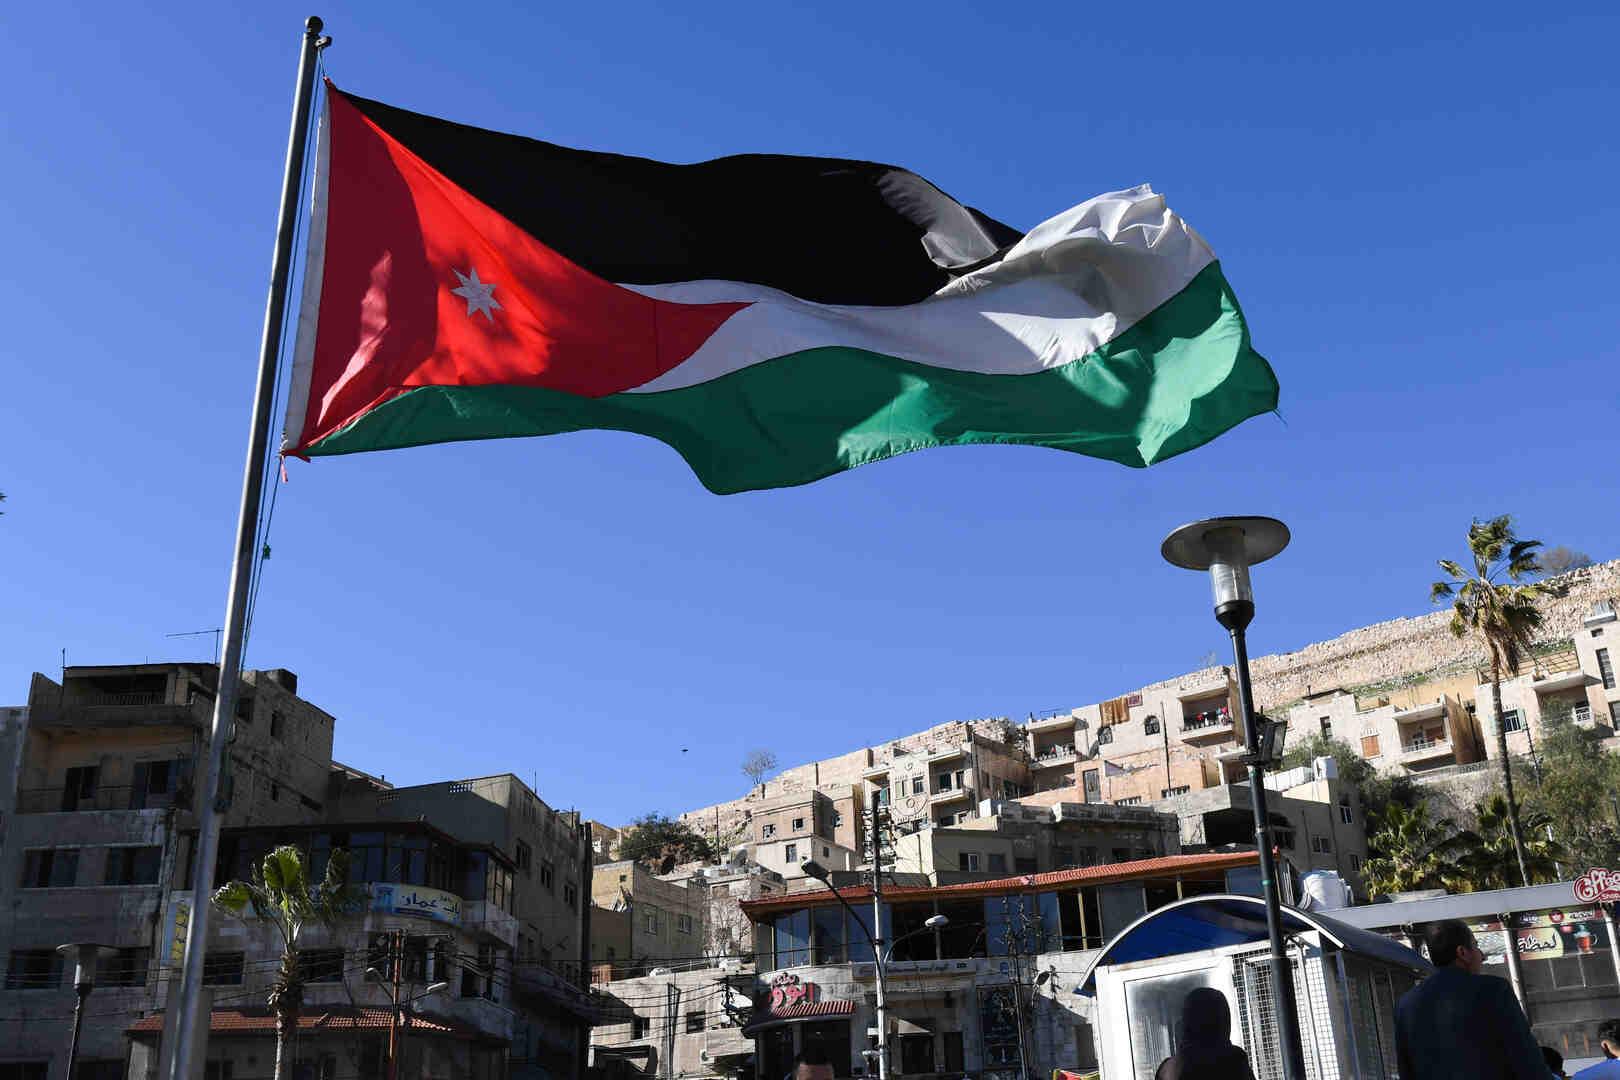 وسائل إعلام: شكوى للبنك الدولي ضد وزير أردني